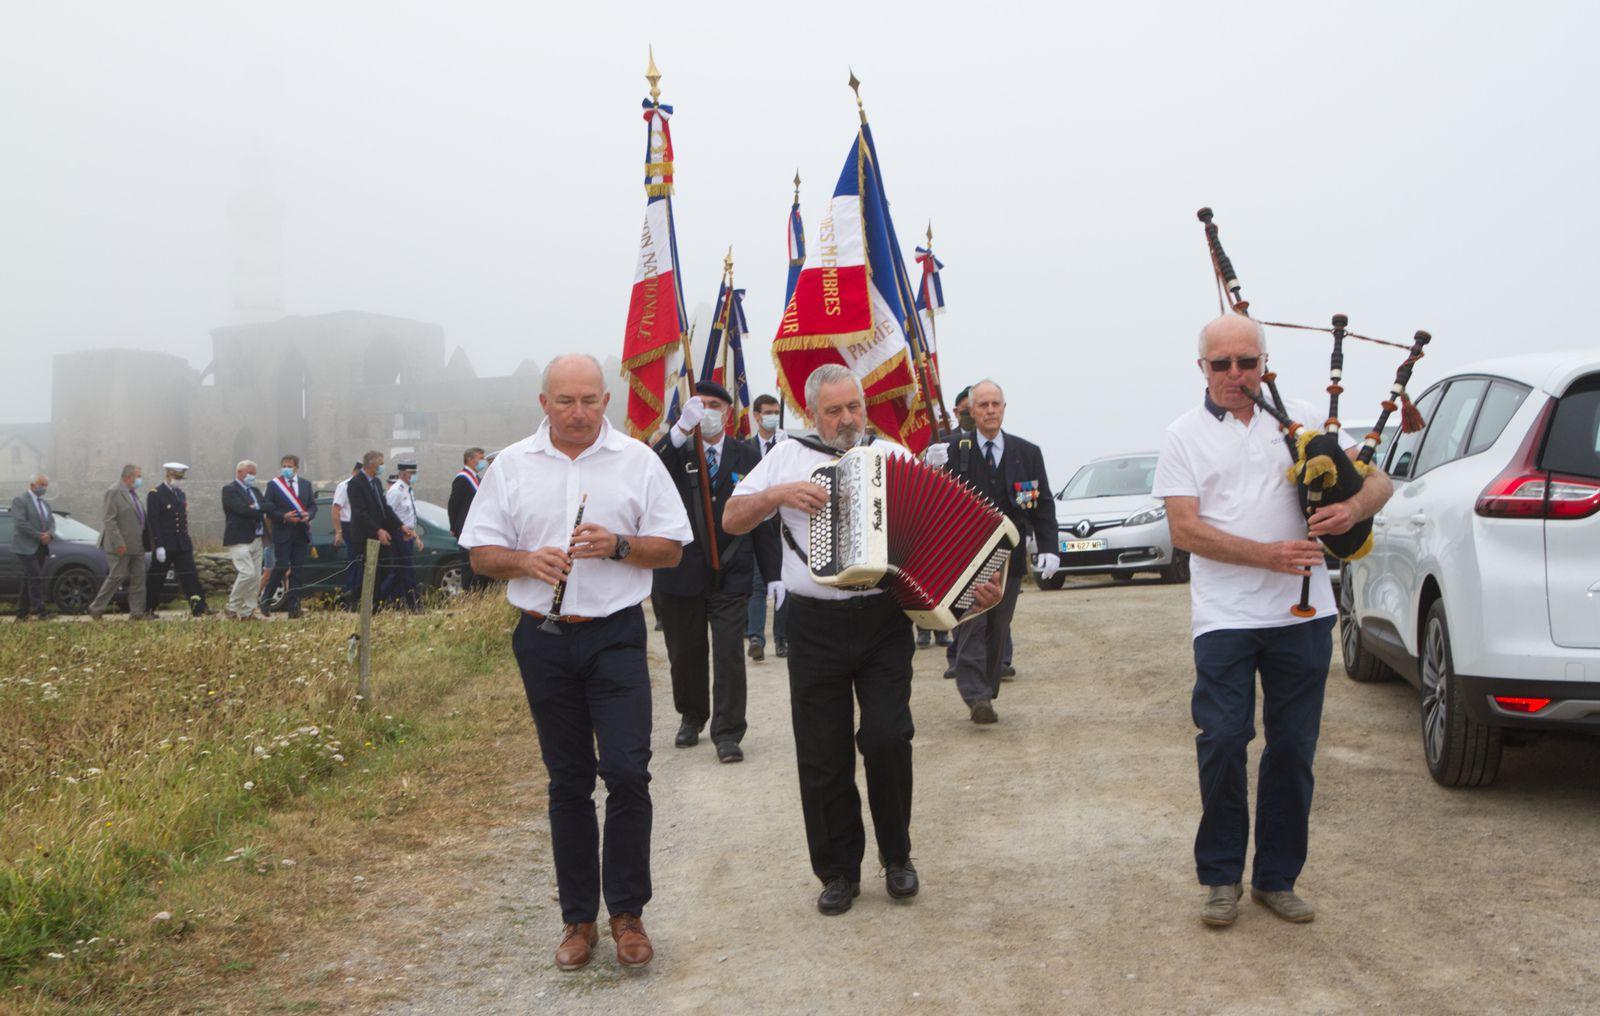 12 août 2020 - cérémonie d'hommage à l'amiral Émile Chaline